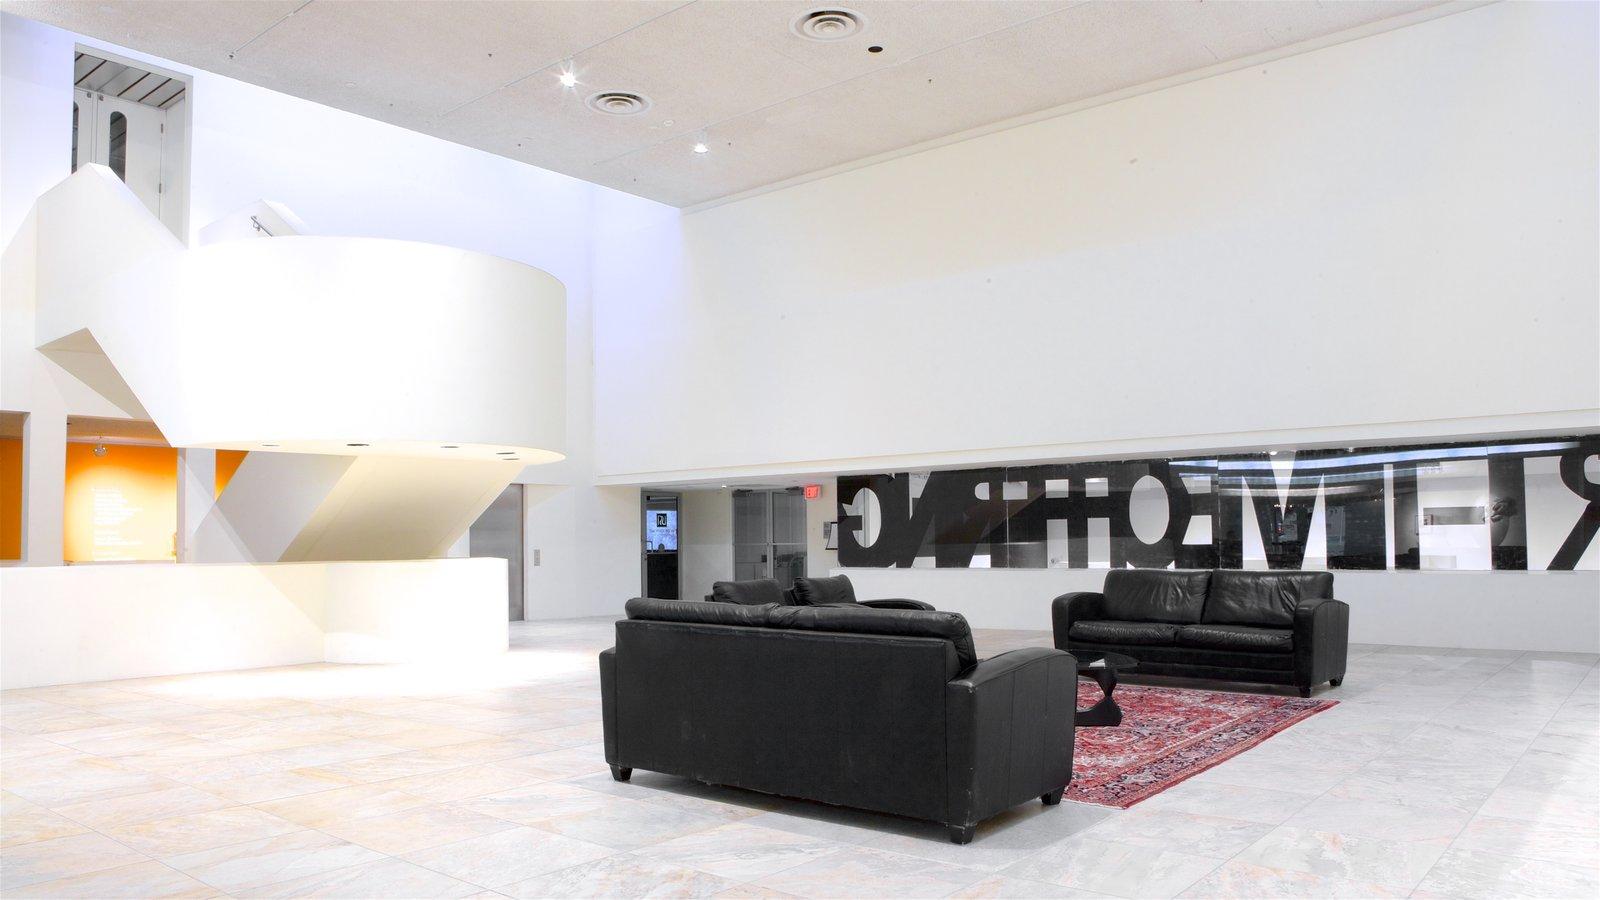 Museo de London, London, Ontario, Canadá ofreciendo vistas interiores